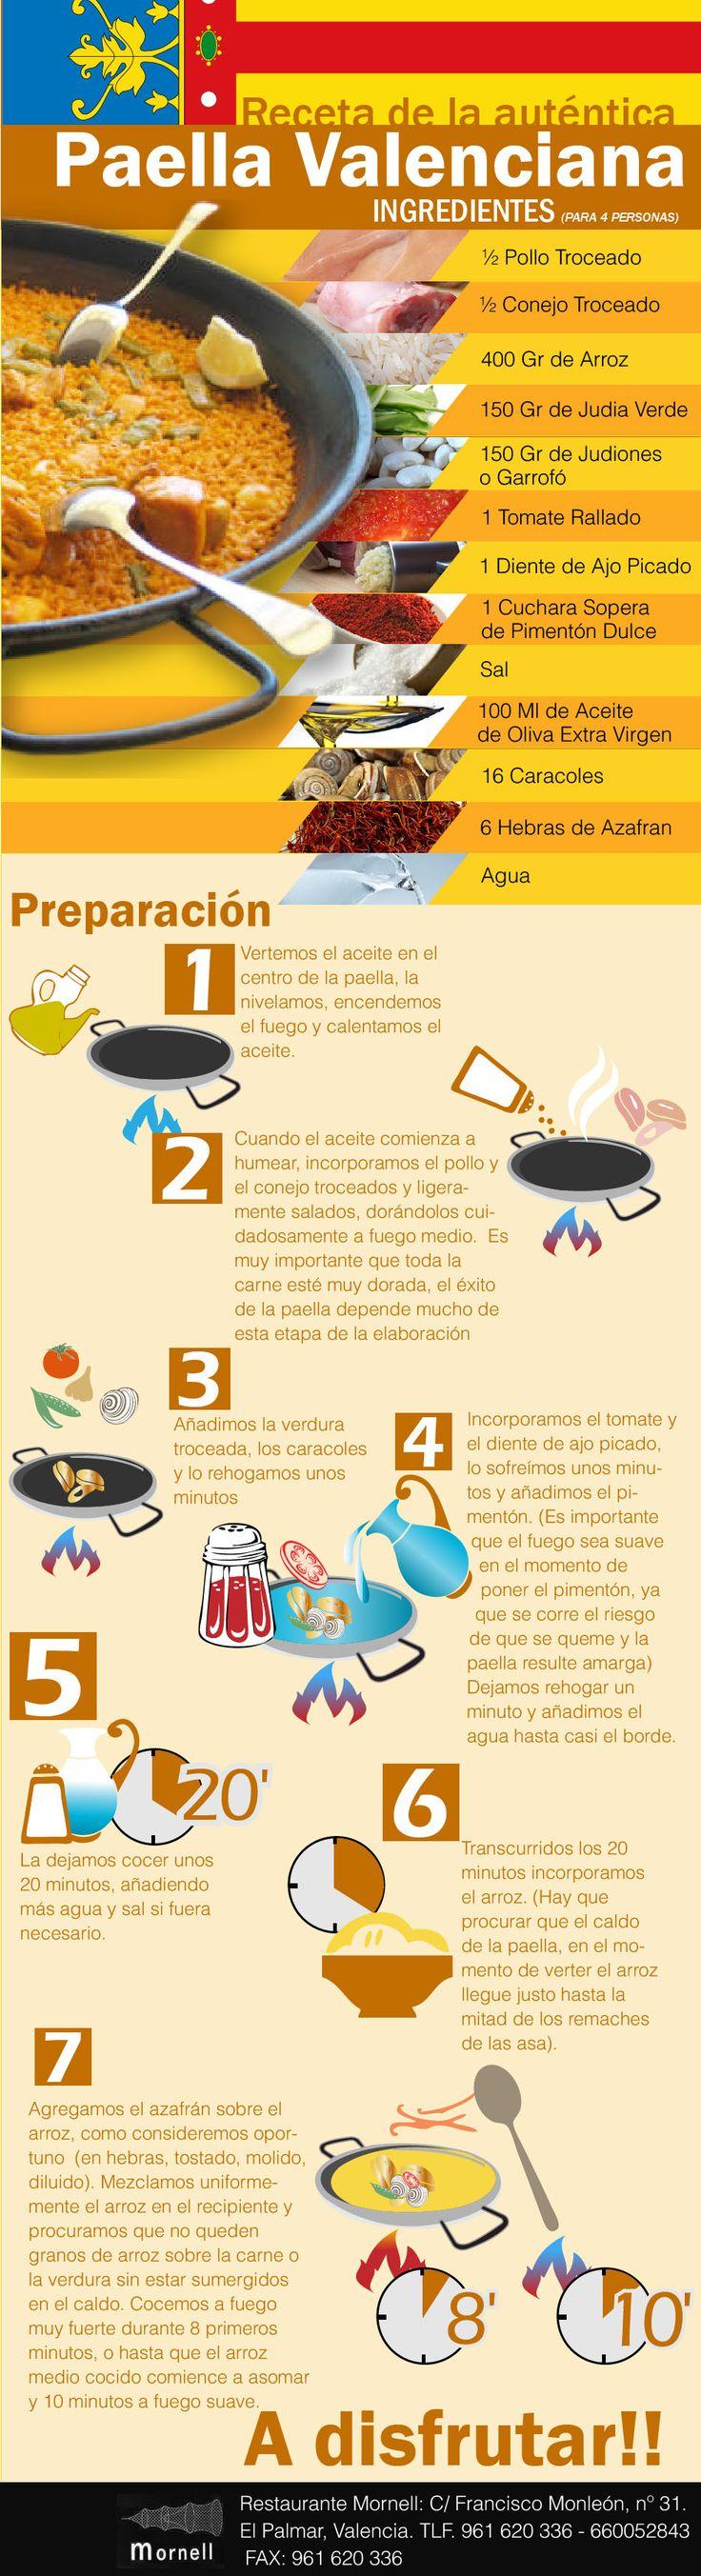 Infografía de Alfredo Vela, vía infografiasencastellano.com Paella Valencia